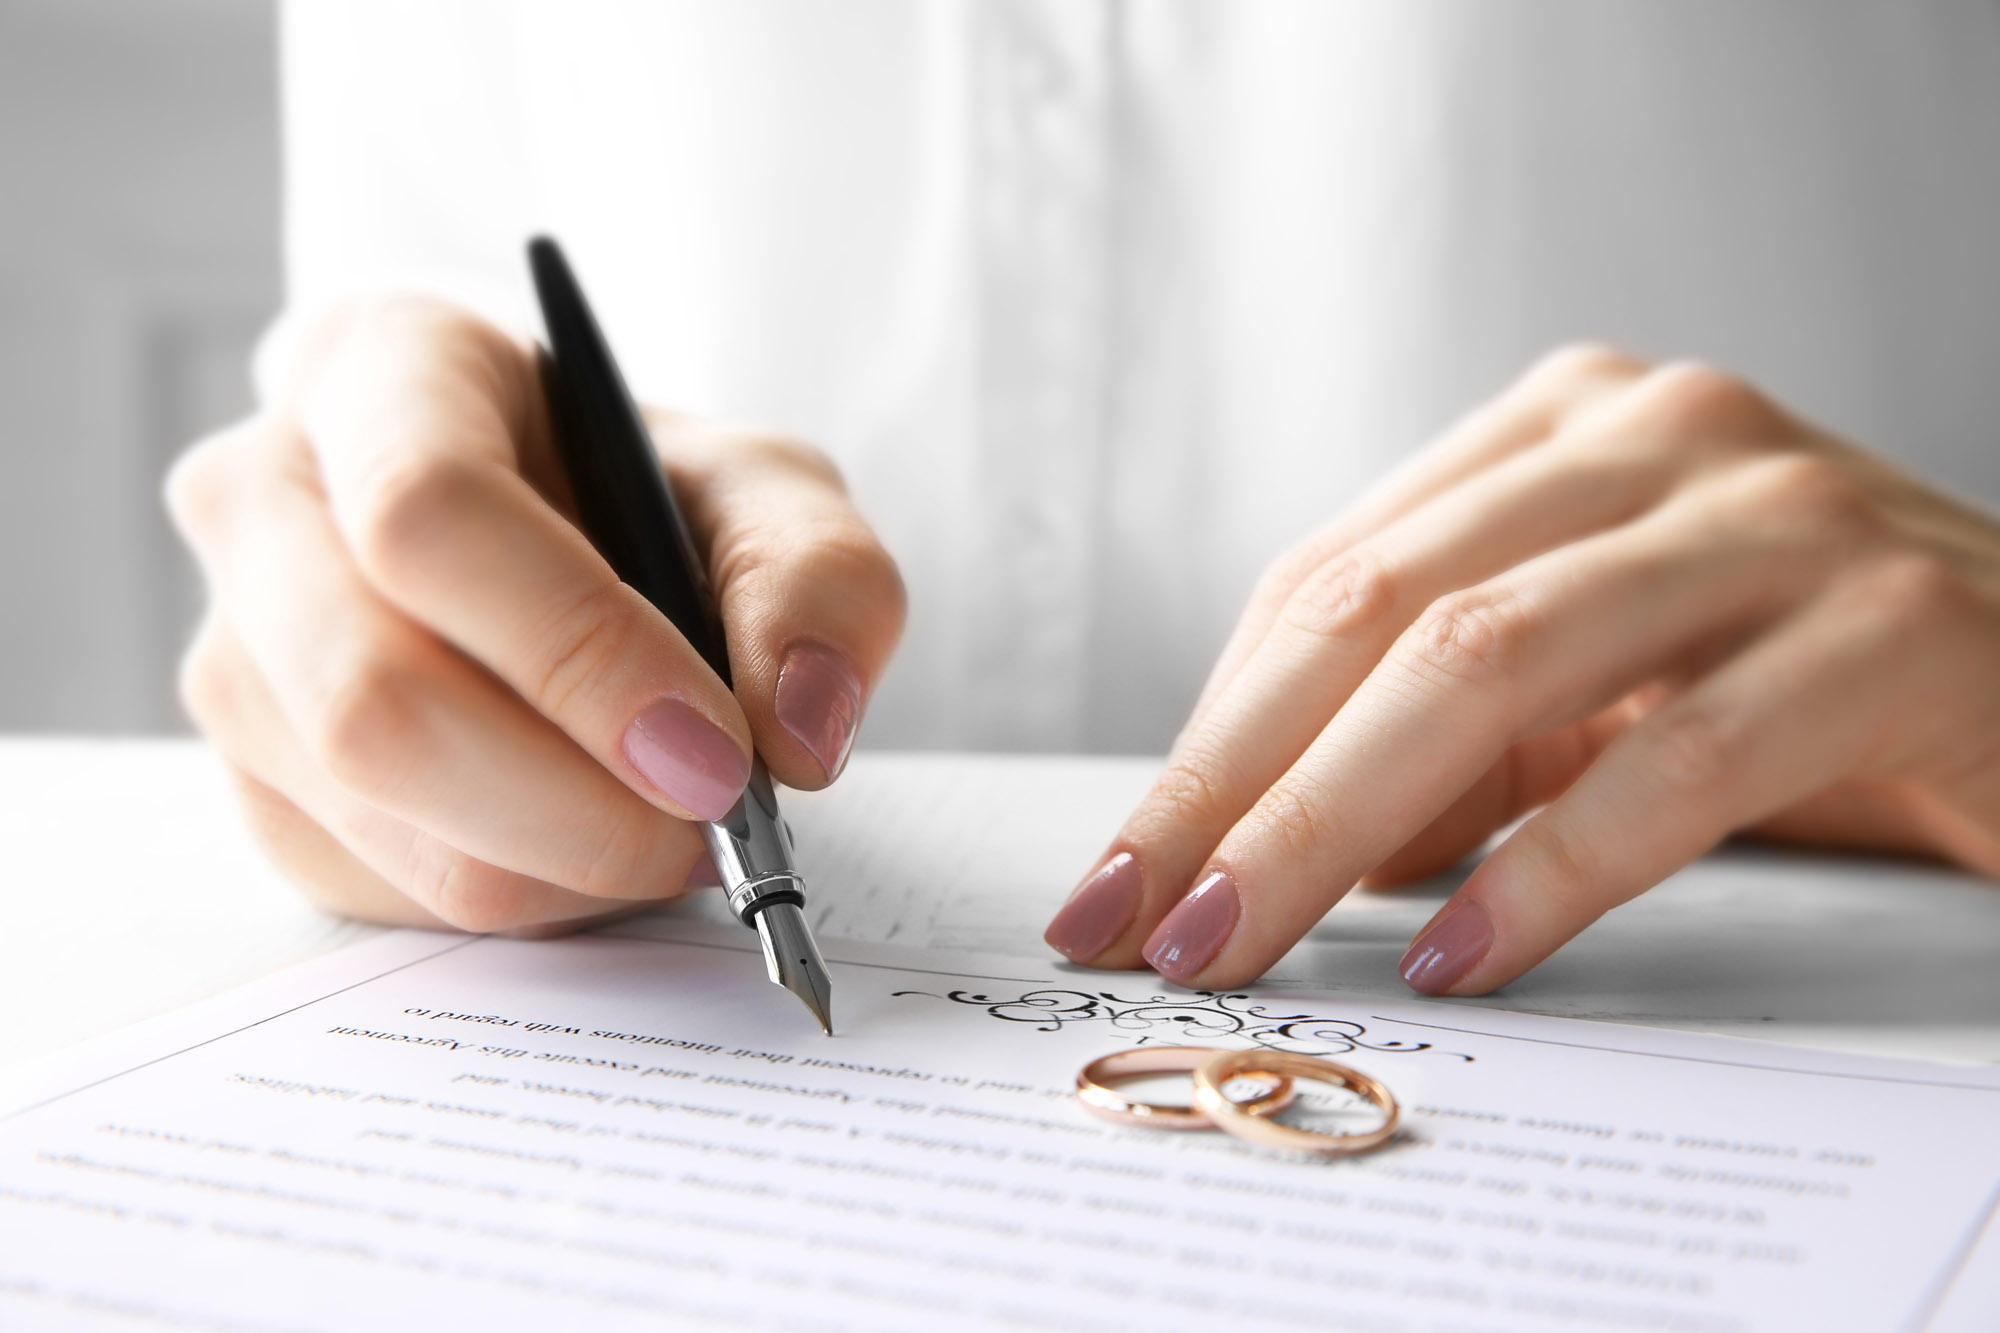 Ehevertrag - Schutz bei der Scheidung